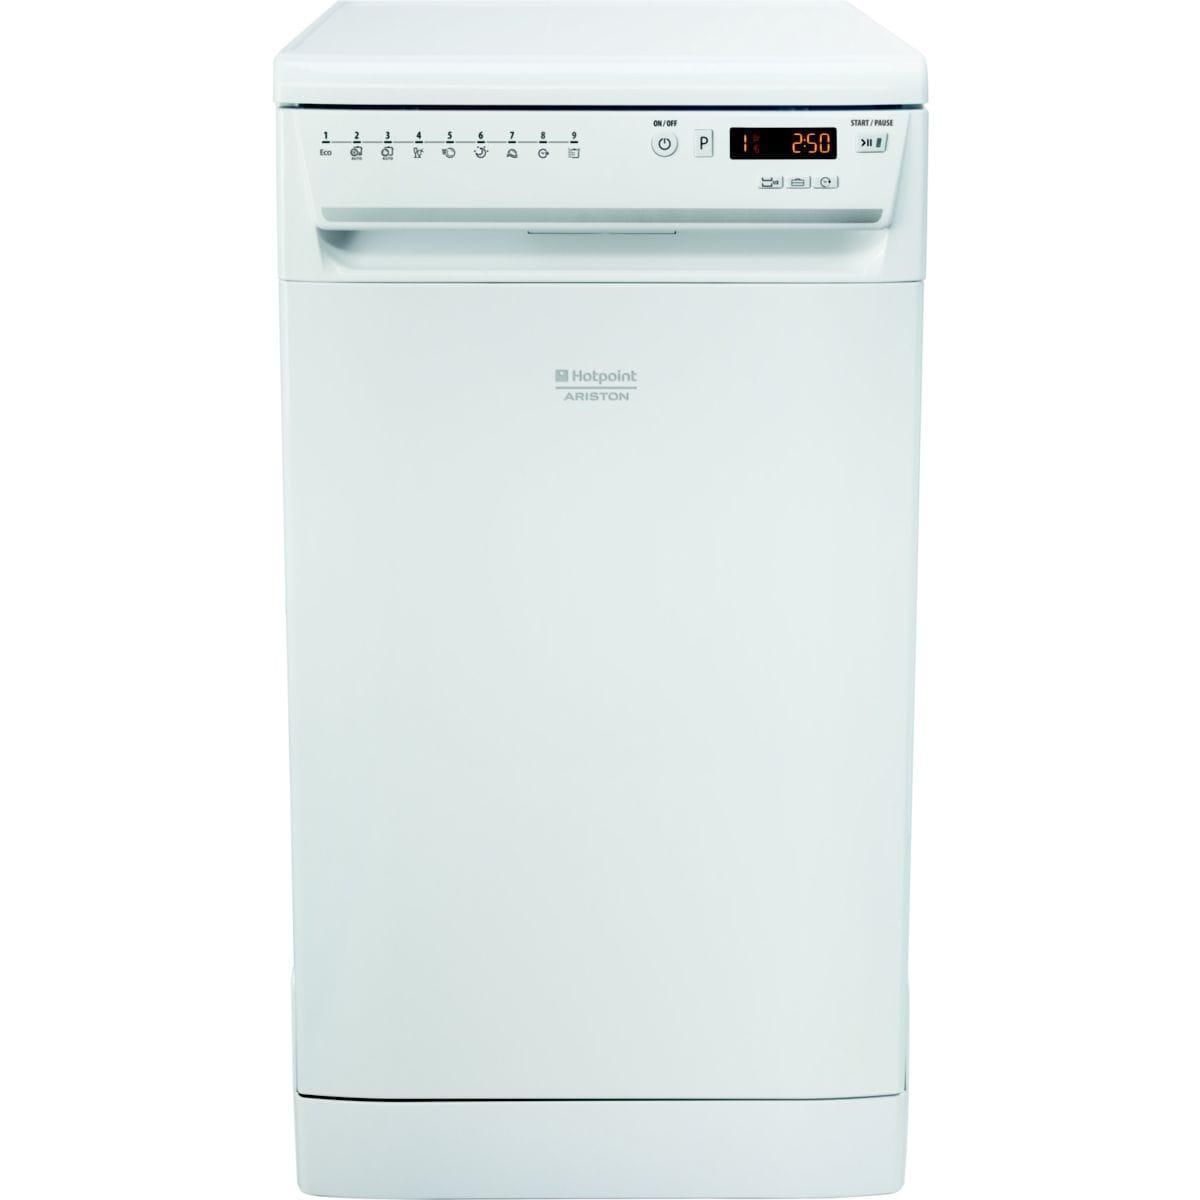 Lave-vaisselle 45cm HOTPOINT LSFF 9M114 C EU - 10 couverts